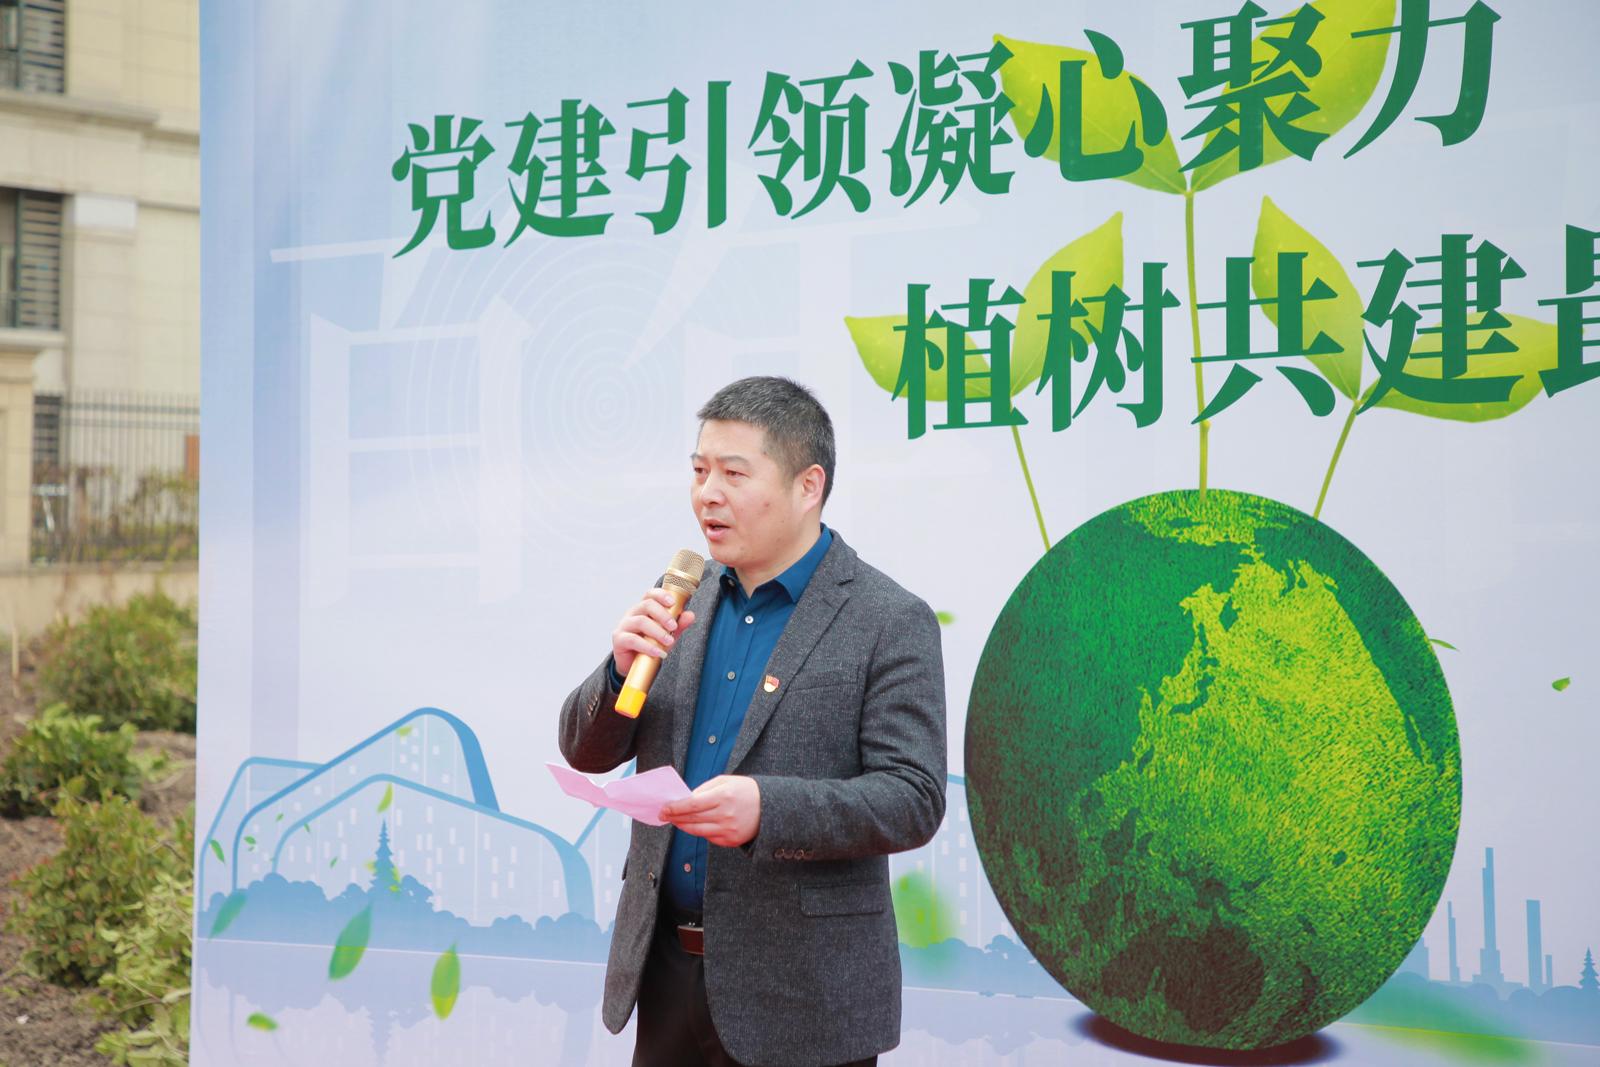 一社区党委书记、居委会主任来庆峰